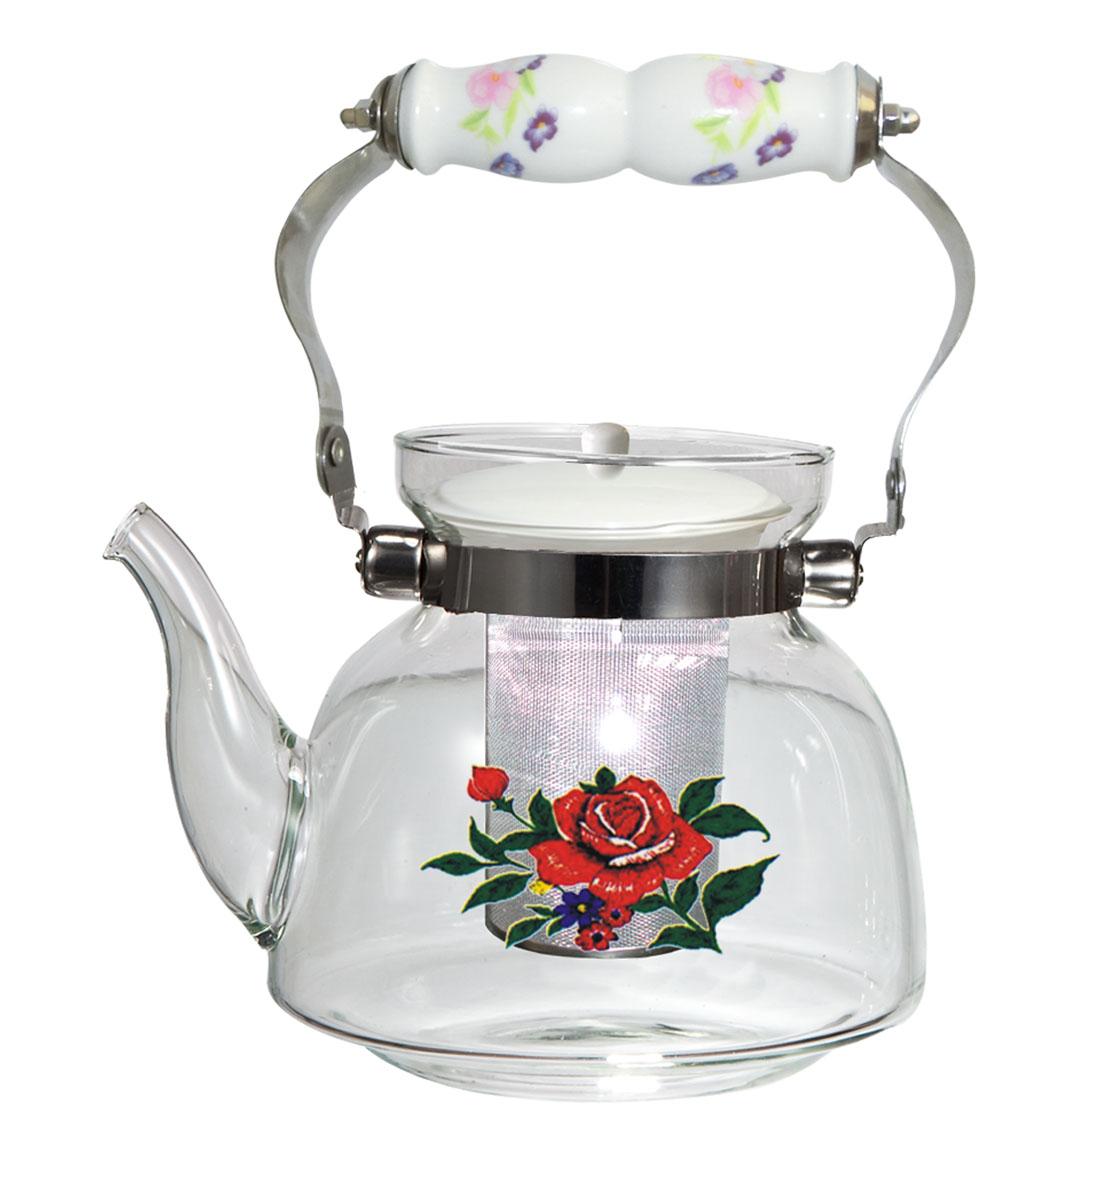 Чайник заварочный Bekker Premium с ситечком, 1,2 лBK-7612Заварочный чайник Bekker Premium выполнен из высококачественного жаропрочного стекла. Красочное изображение розы придает приятный внешний вид. Стальная подвижная ручка с керамической вставкой делает использование чайника очень удобным и безопасным. Чайник снабжен ситечком из нержавеющей стали и керамической крышкой. Можно мыть в посудомоечной машине. Объем: 1,2 л. Высота чайника (без учета крышки и ручки): 13 см. Диаметр (по верхнему краю): 9,7 см. Диаметр основания: 13 см.